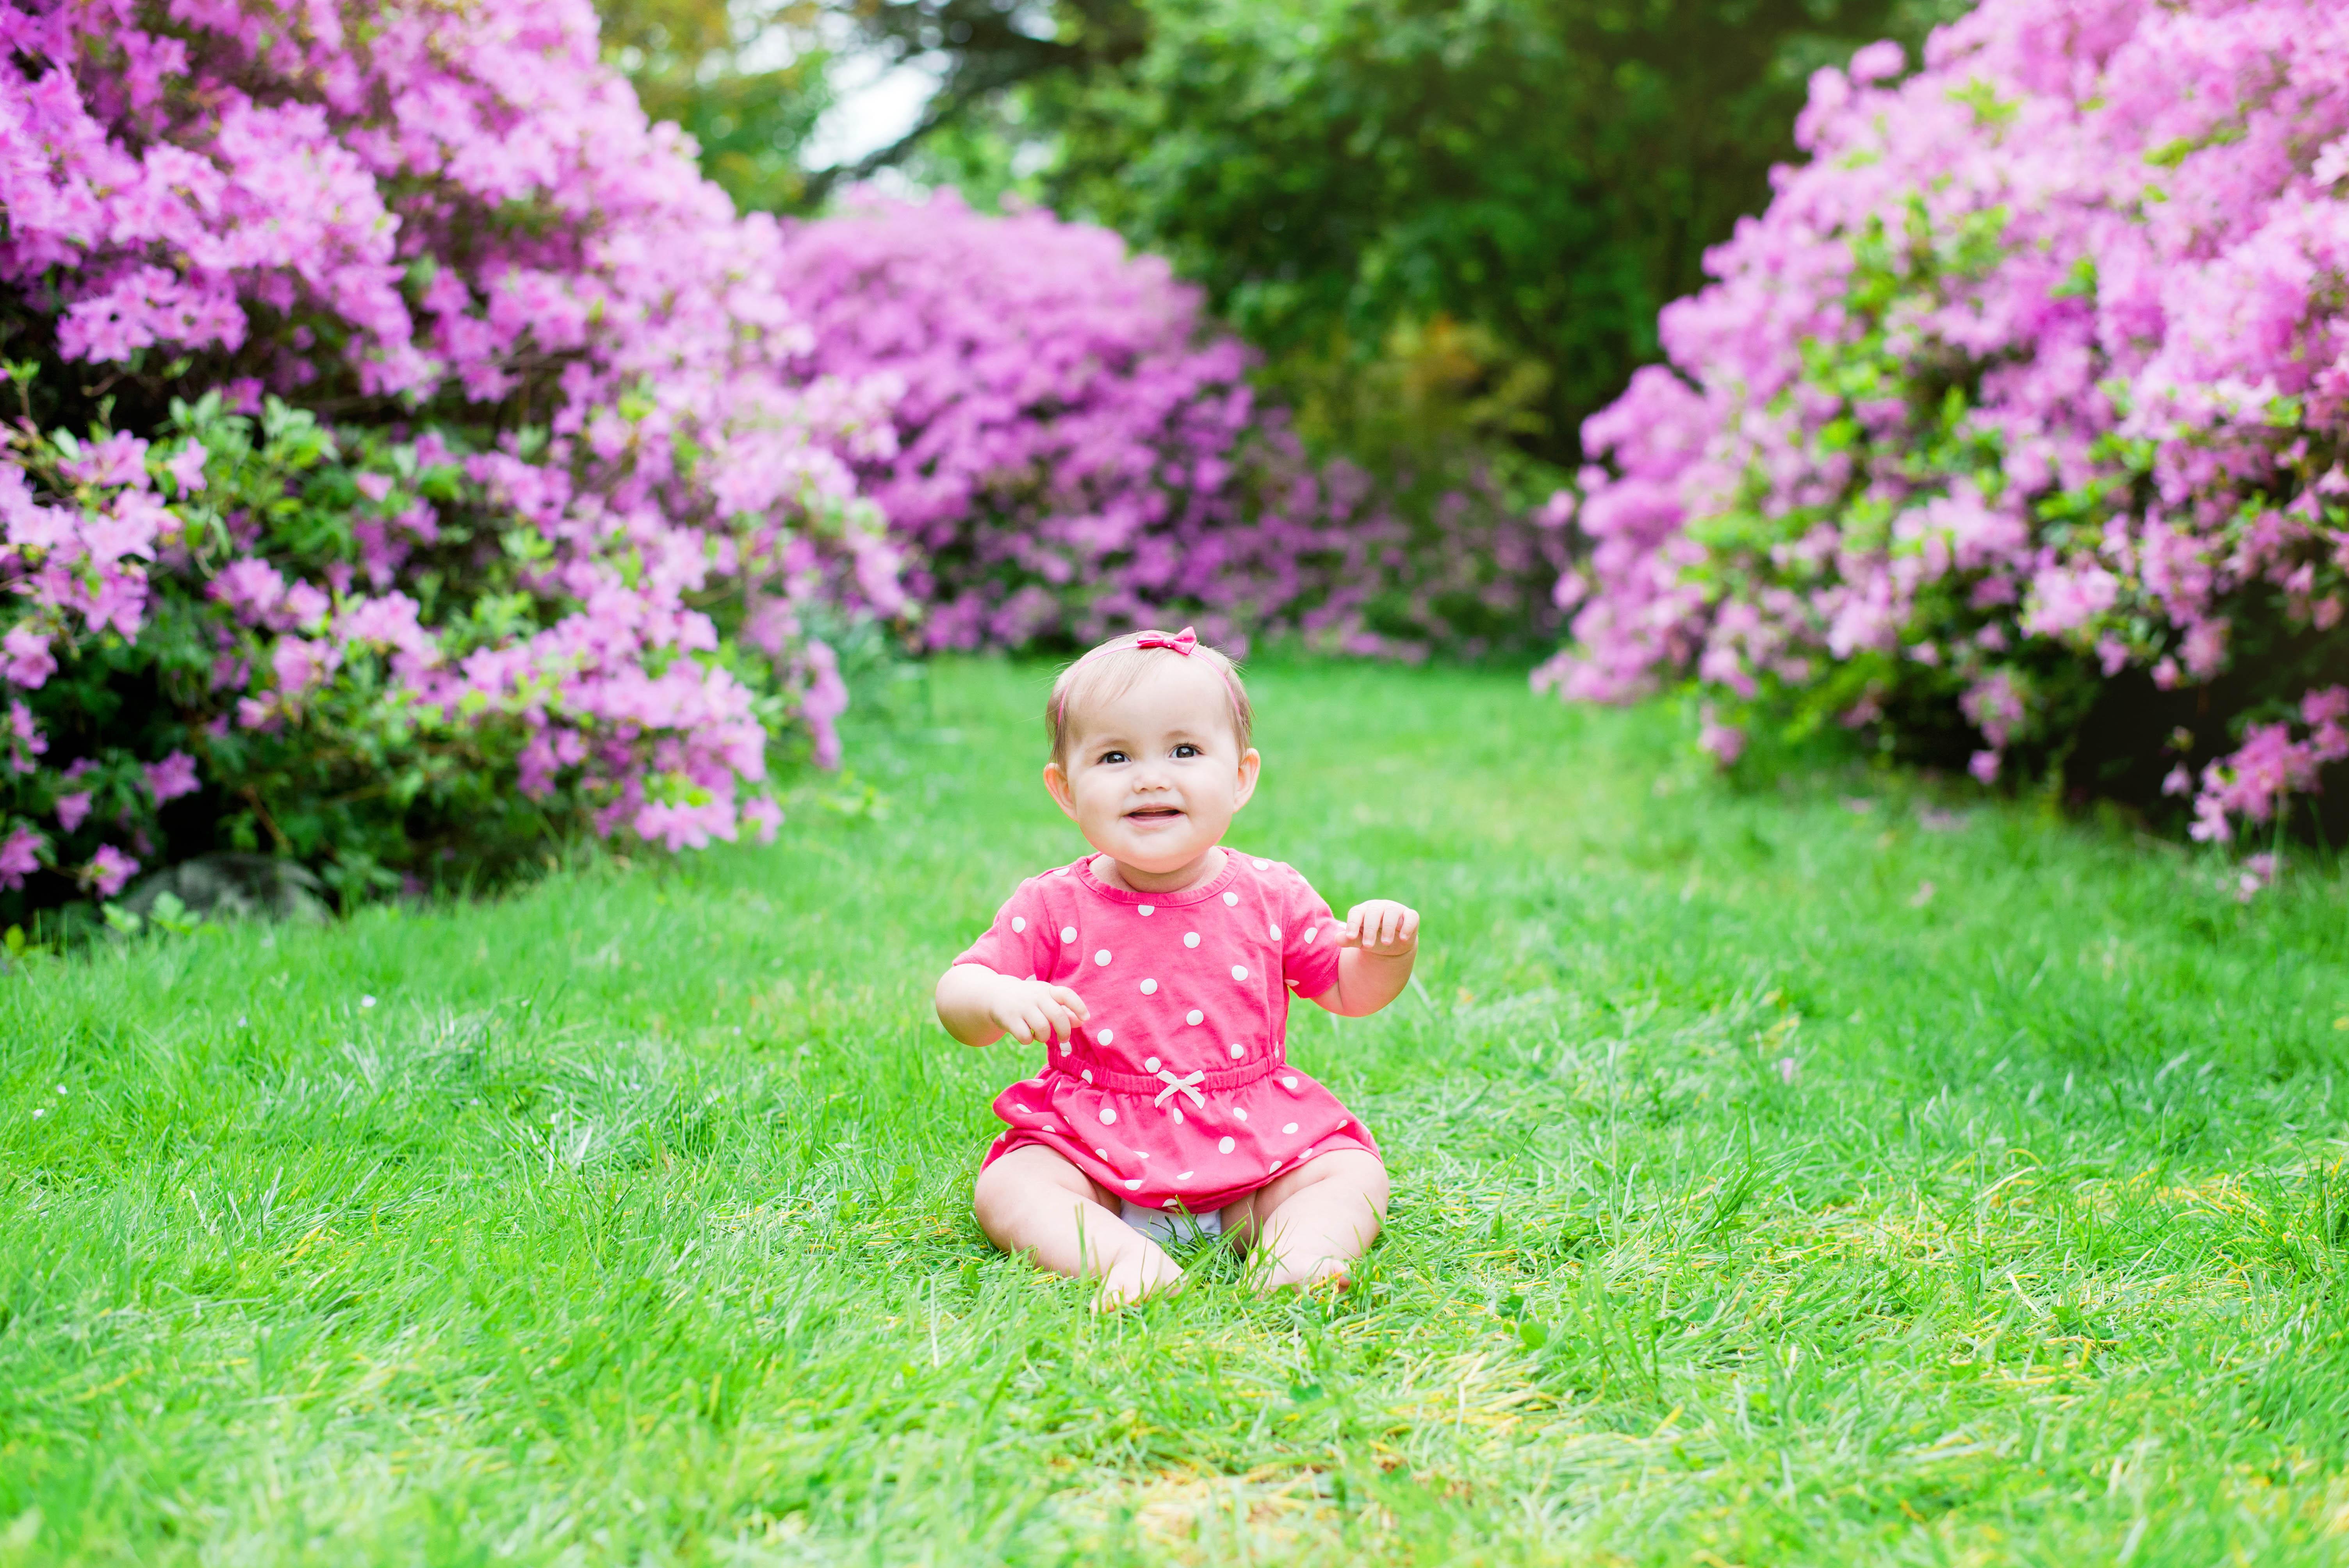 Family_Maternity_Pregnancy_ Reveal_Portrait_Session_Andrea_Krout_Photography_Morris_Arboretum-3